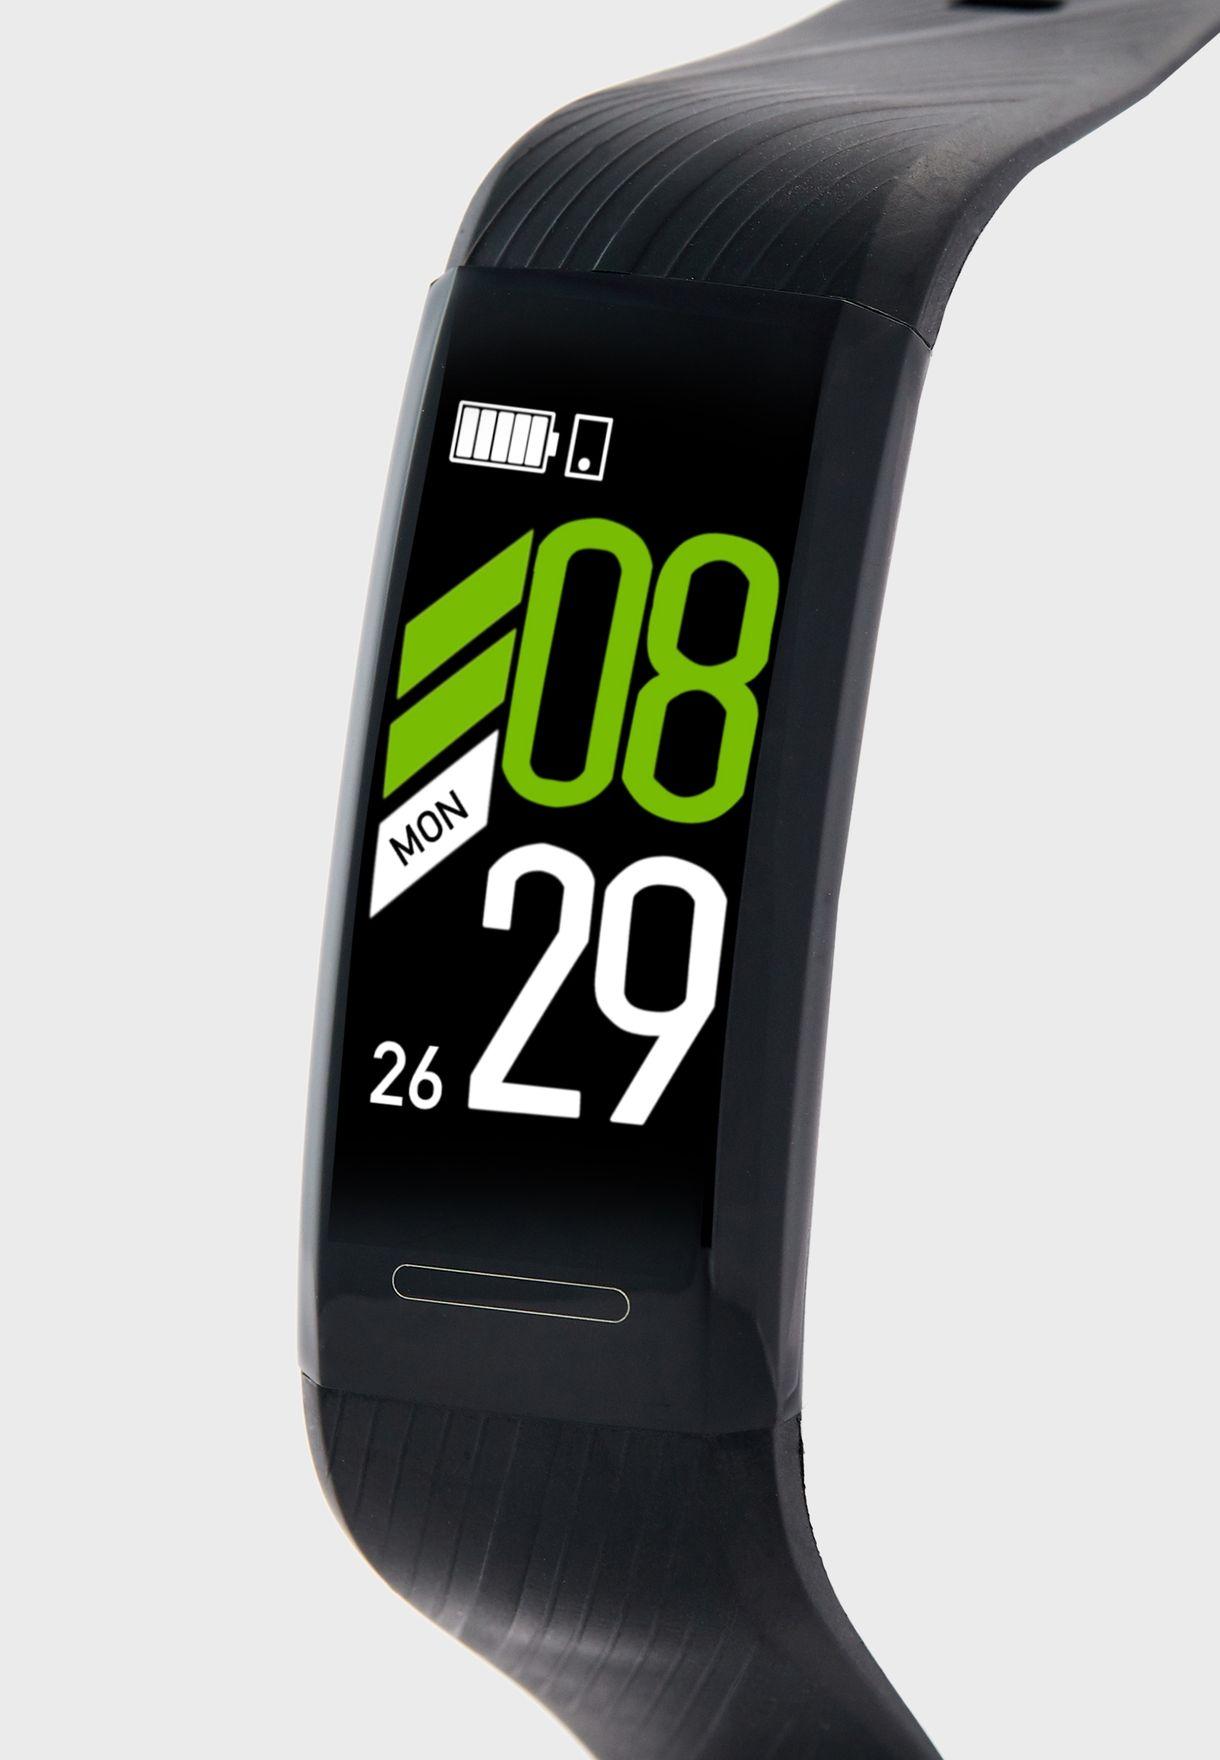 ساعة ذكية مع خدمة تتبع جي بي اس + مراقبة قياس نبضات القلب